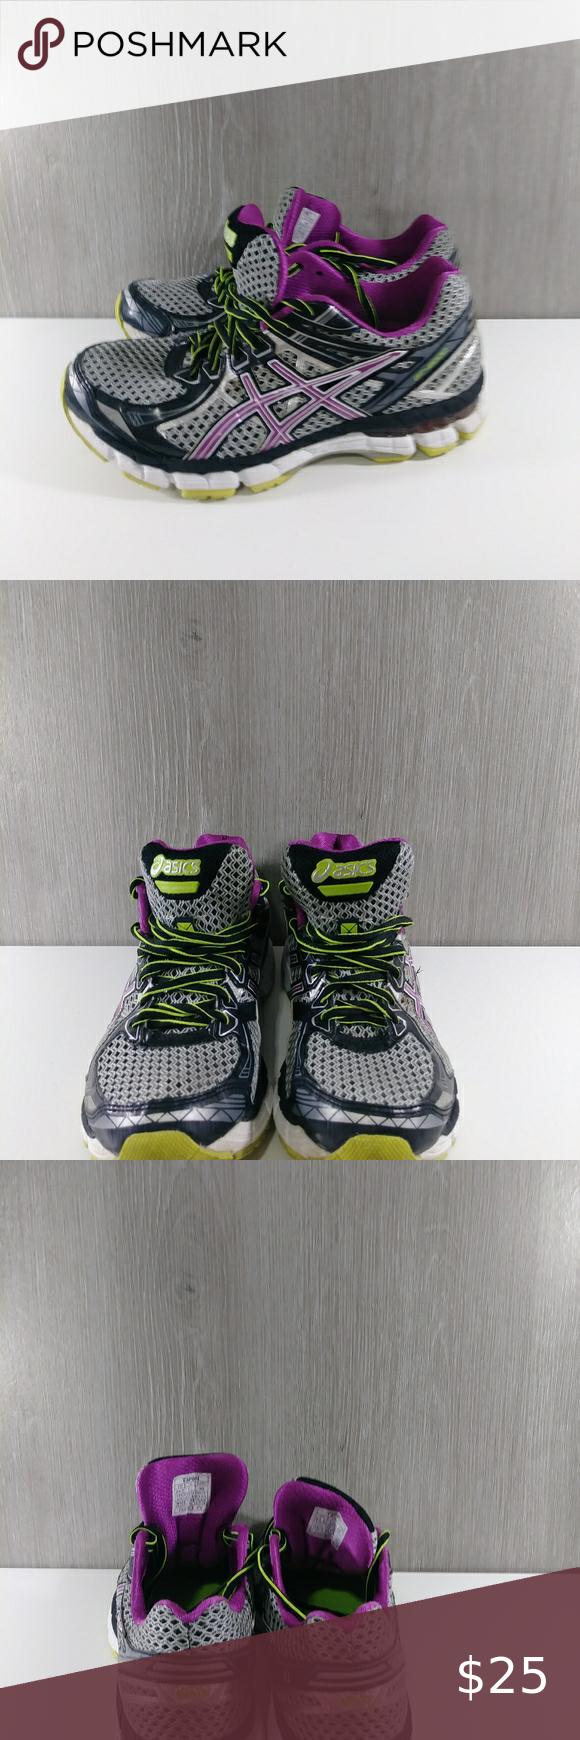 Running women, Asics running shoes